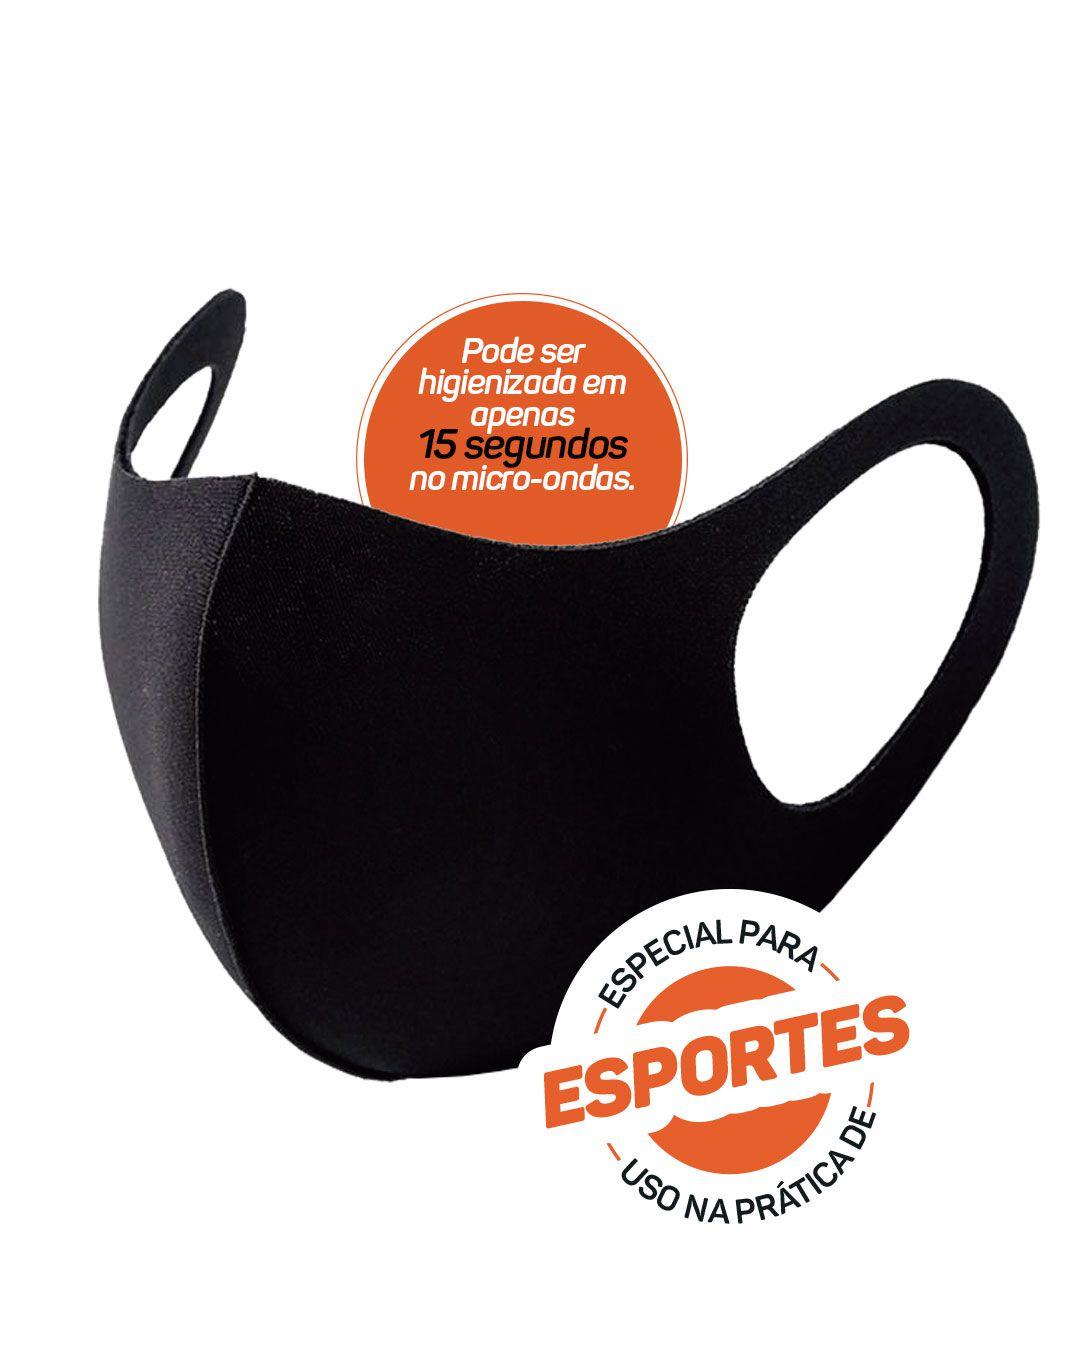 KIT- Pacote com  24 máscaras Multiesportivas